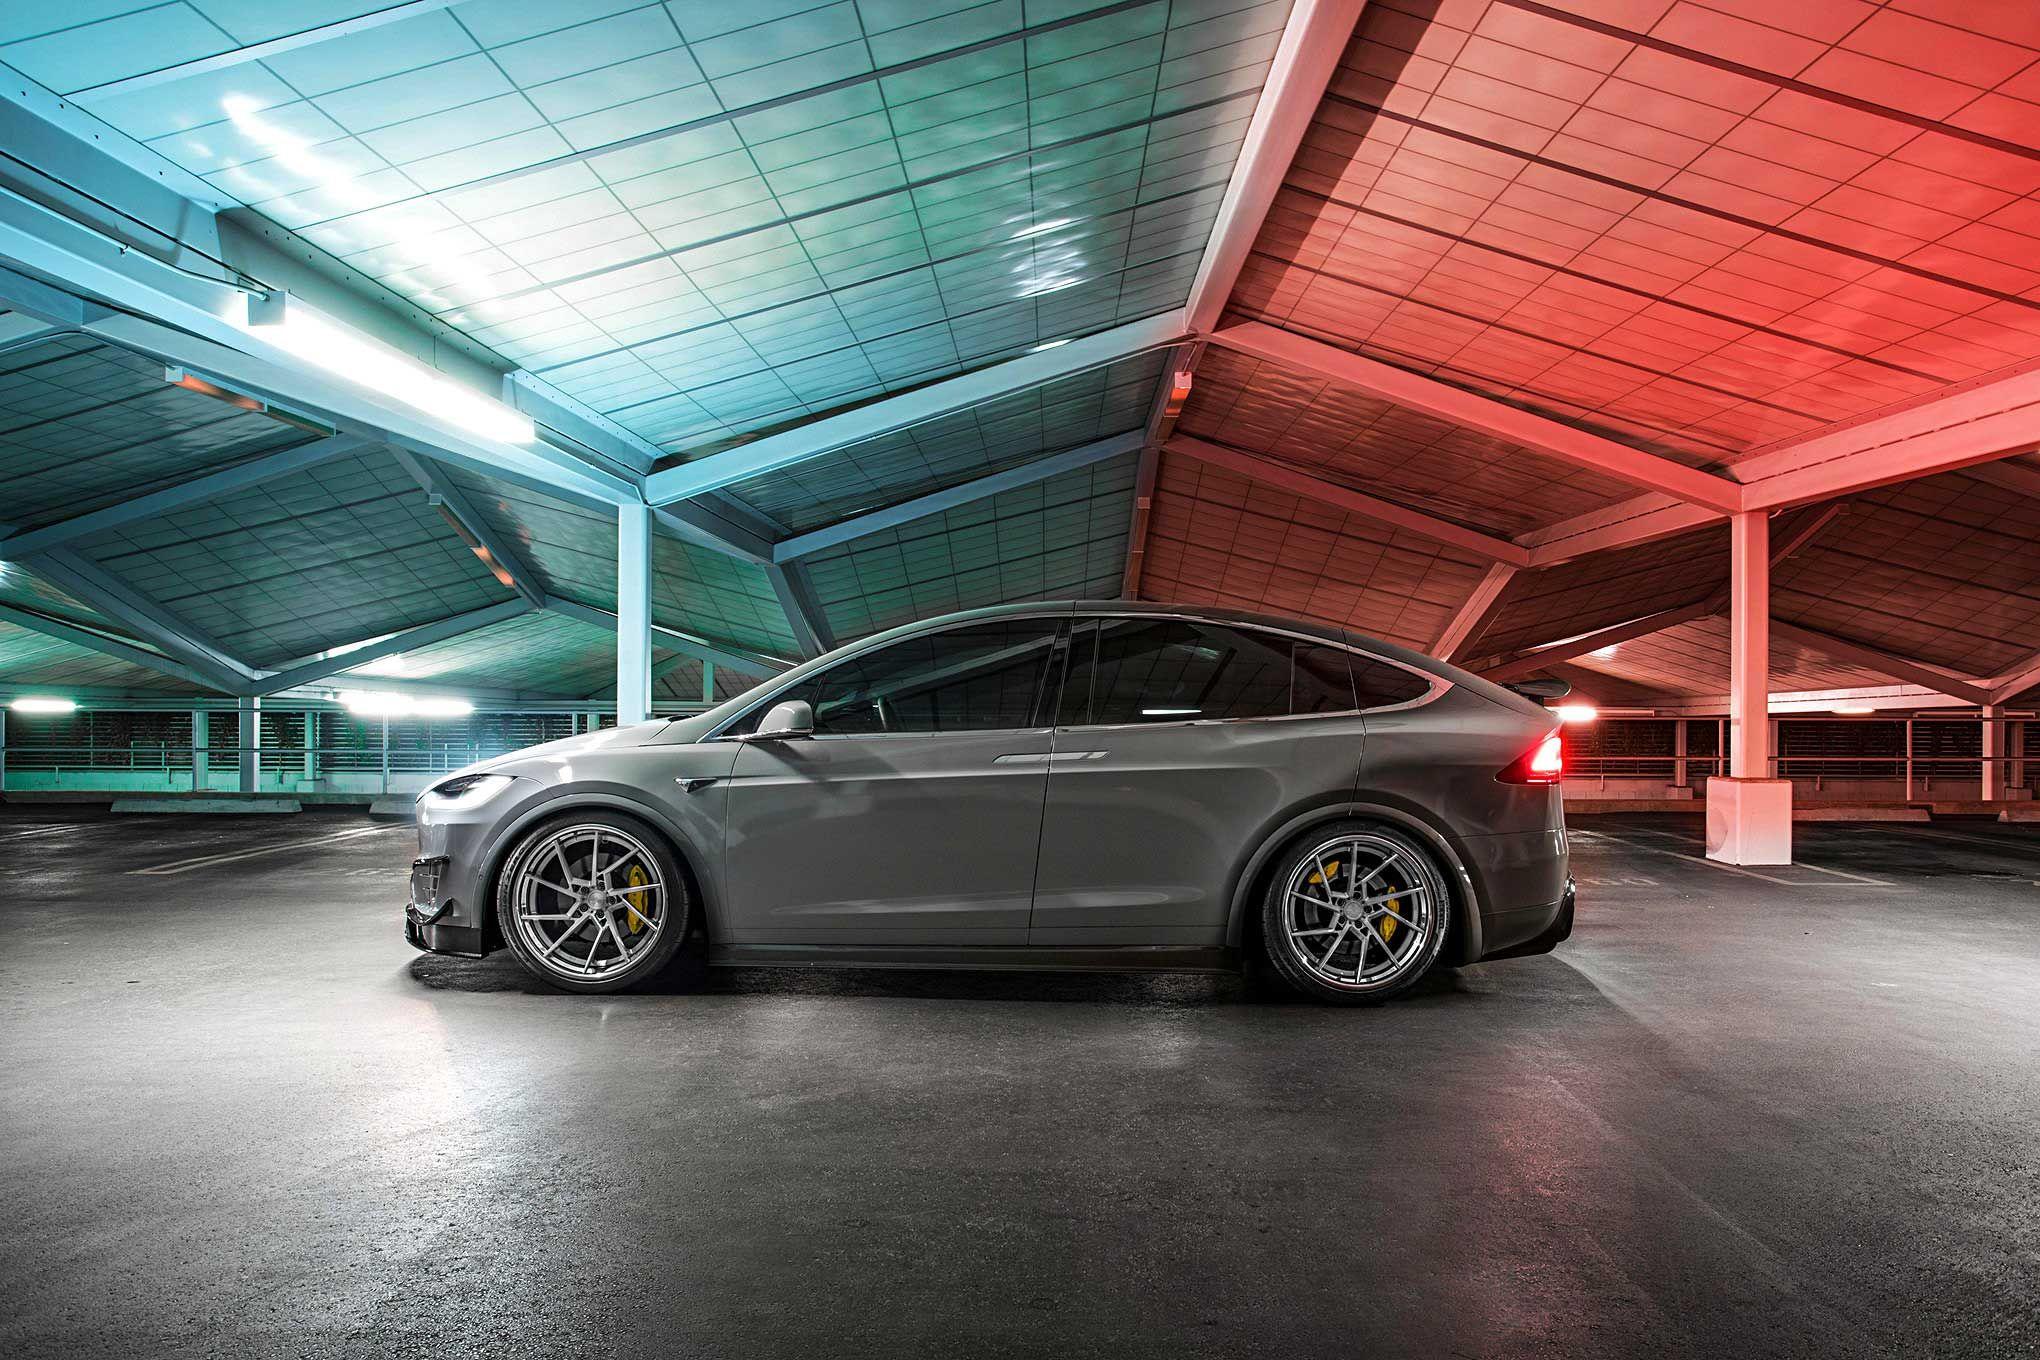 2017-tesla-model-x-p90d-al13-dt001-wheels.jpg